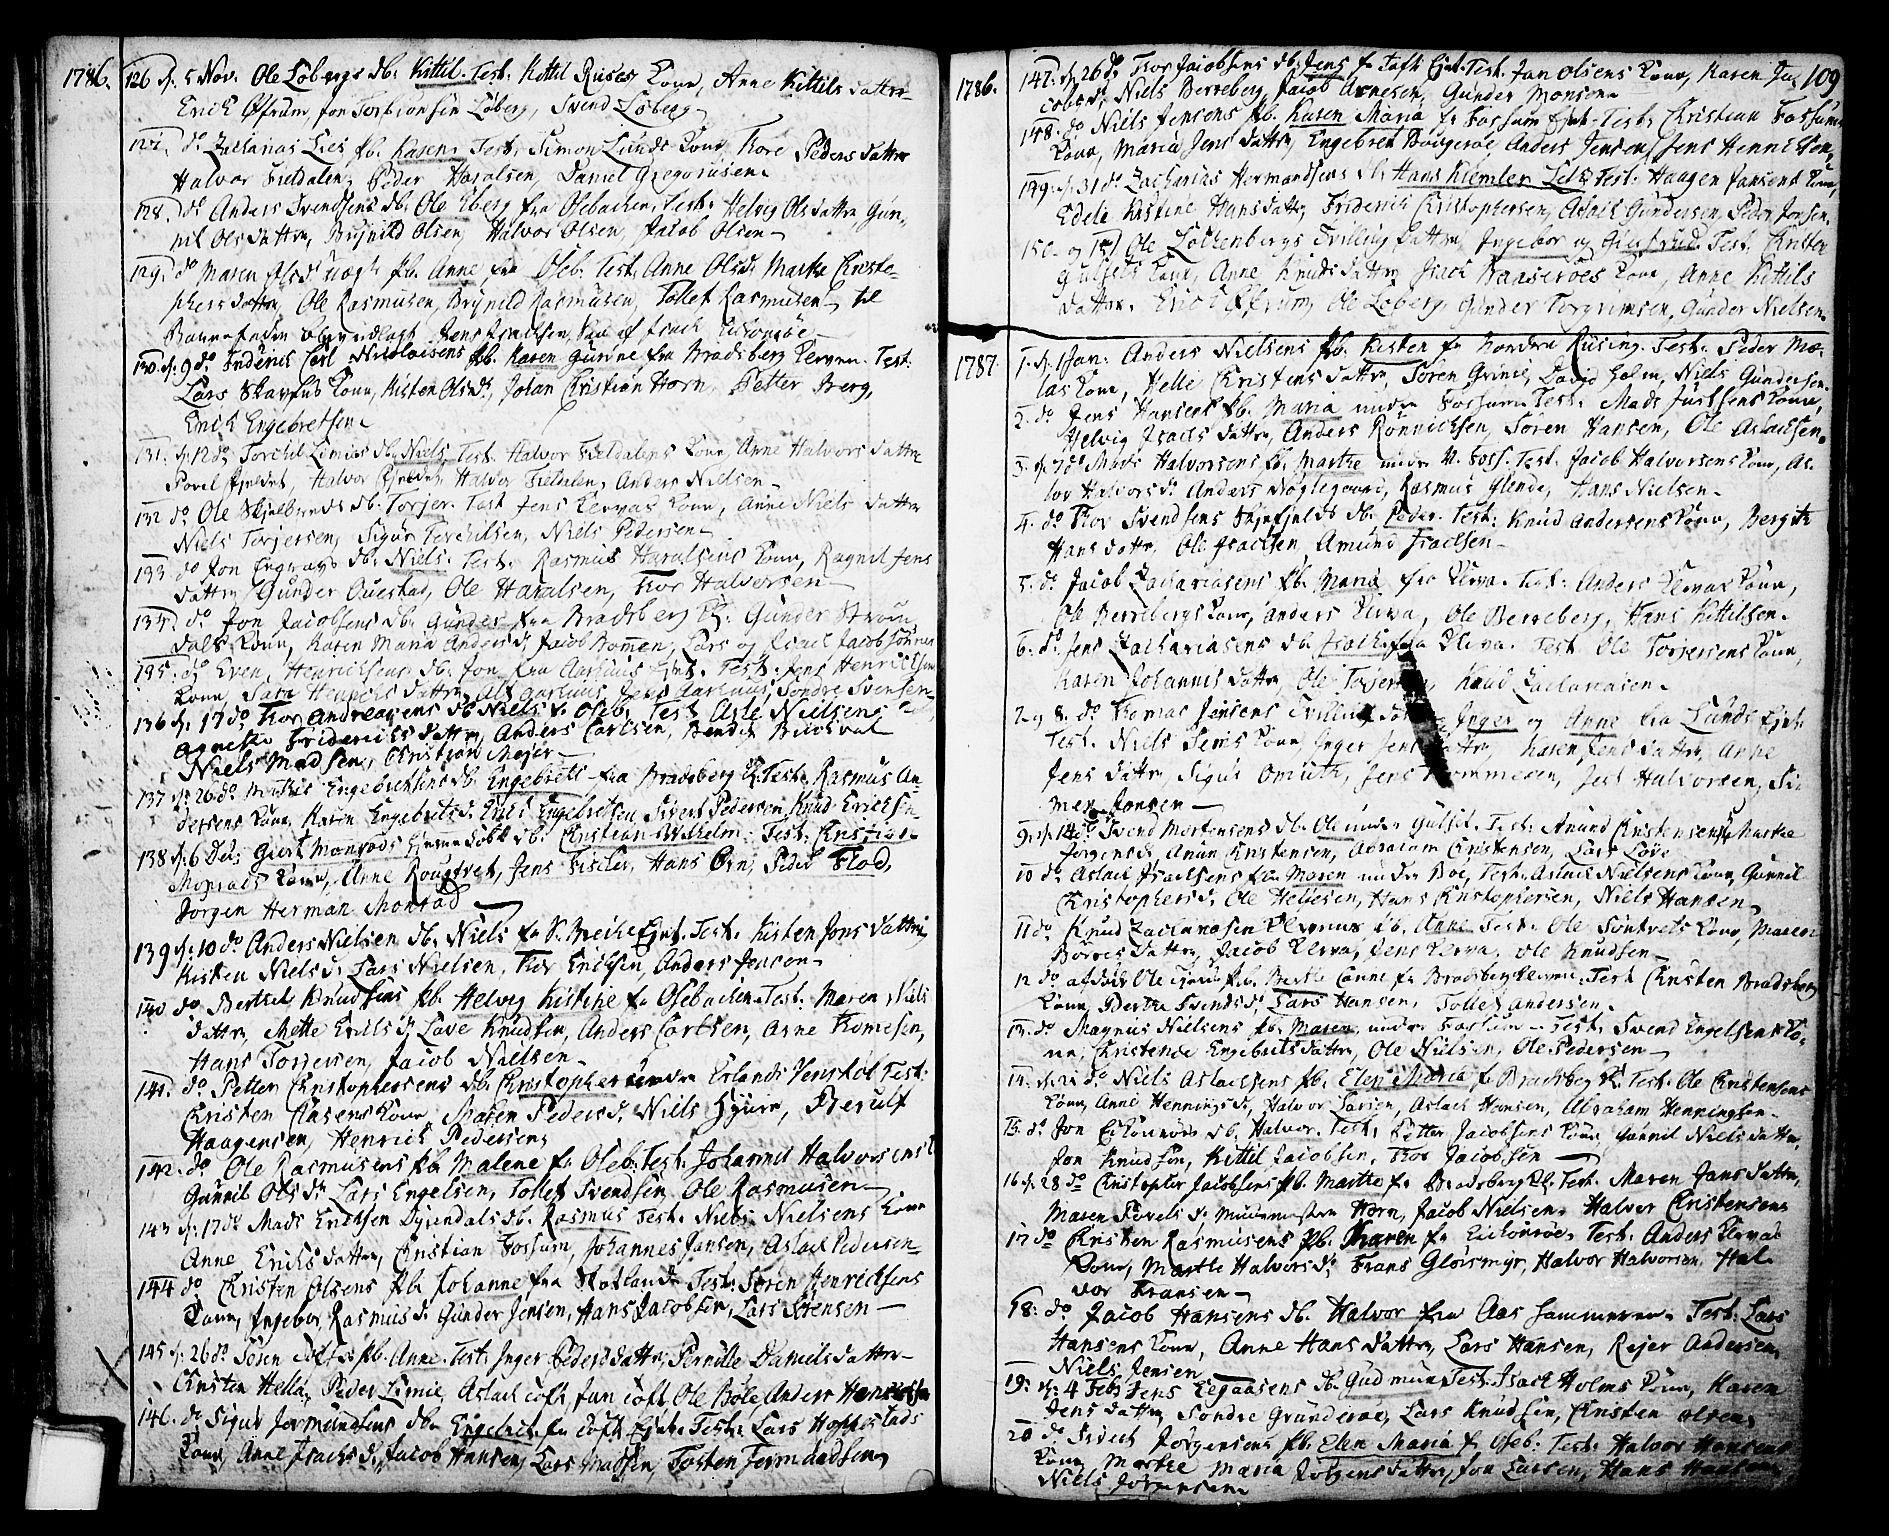 SAKO, Gjerpen kirkebøker, F/Fa/L0002: Ministerialbok nr. 2, 1747-1795, s. 109